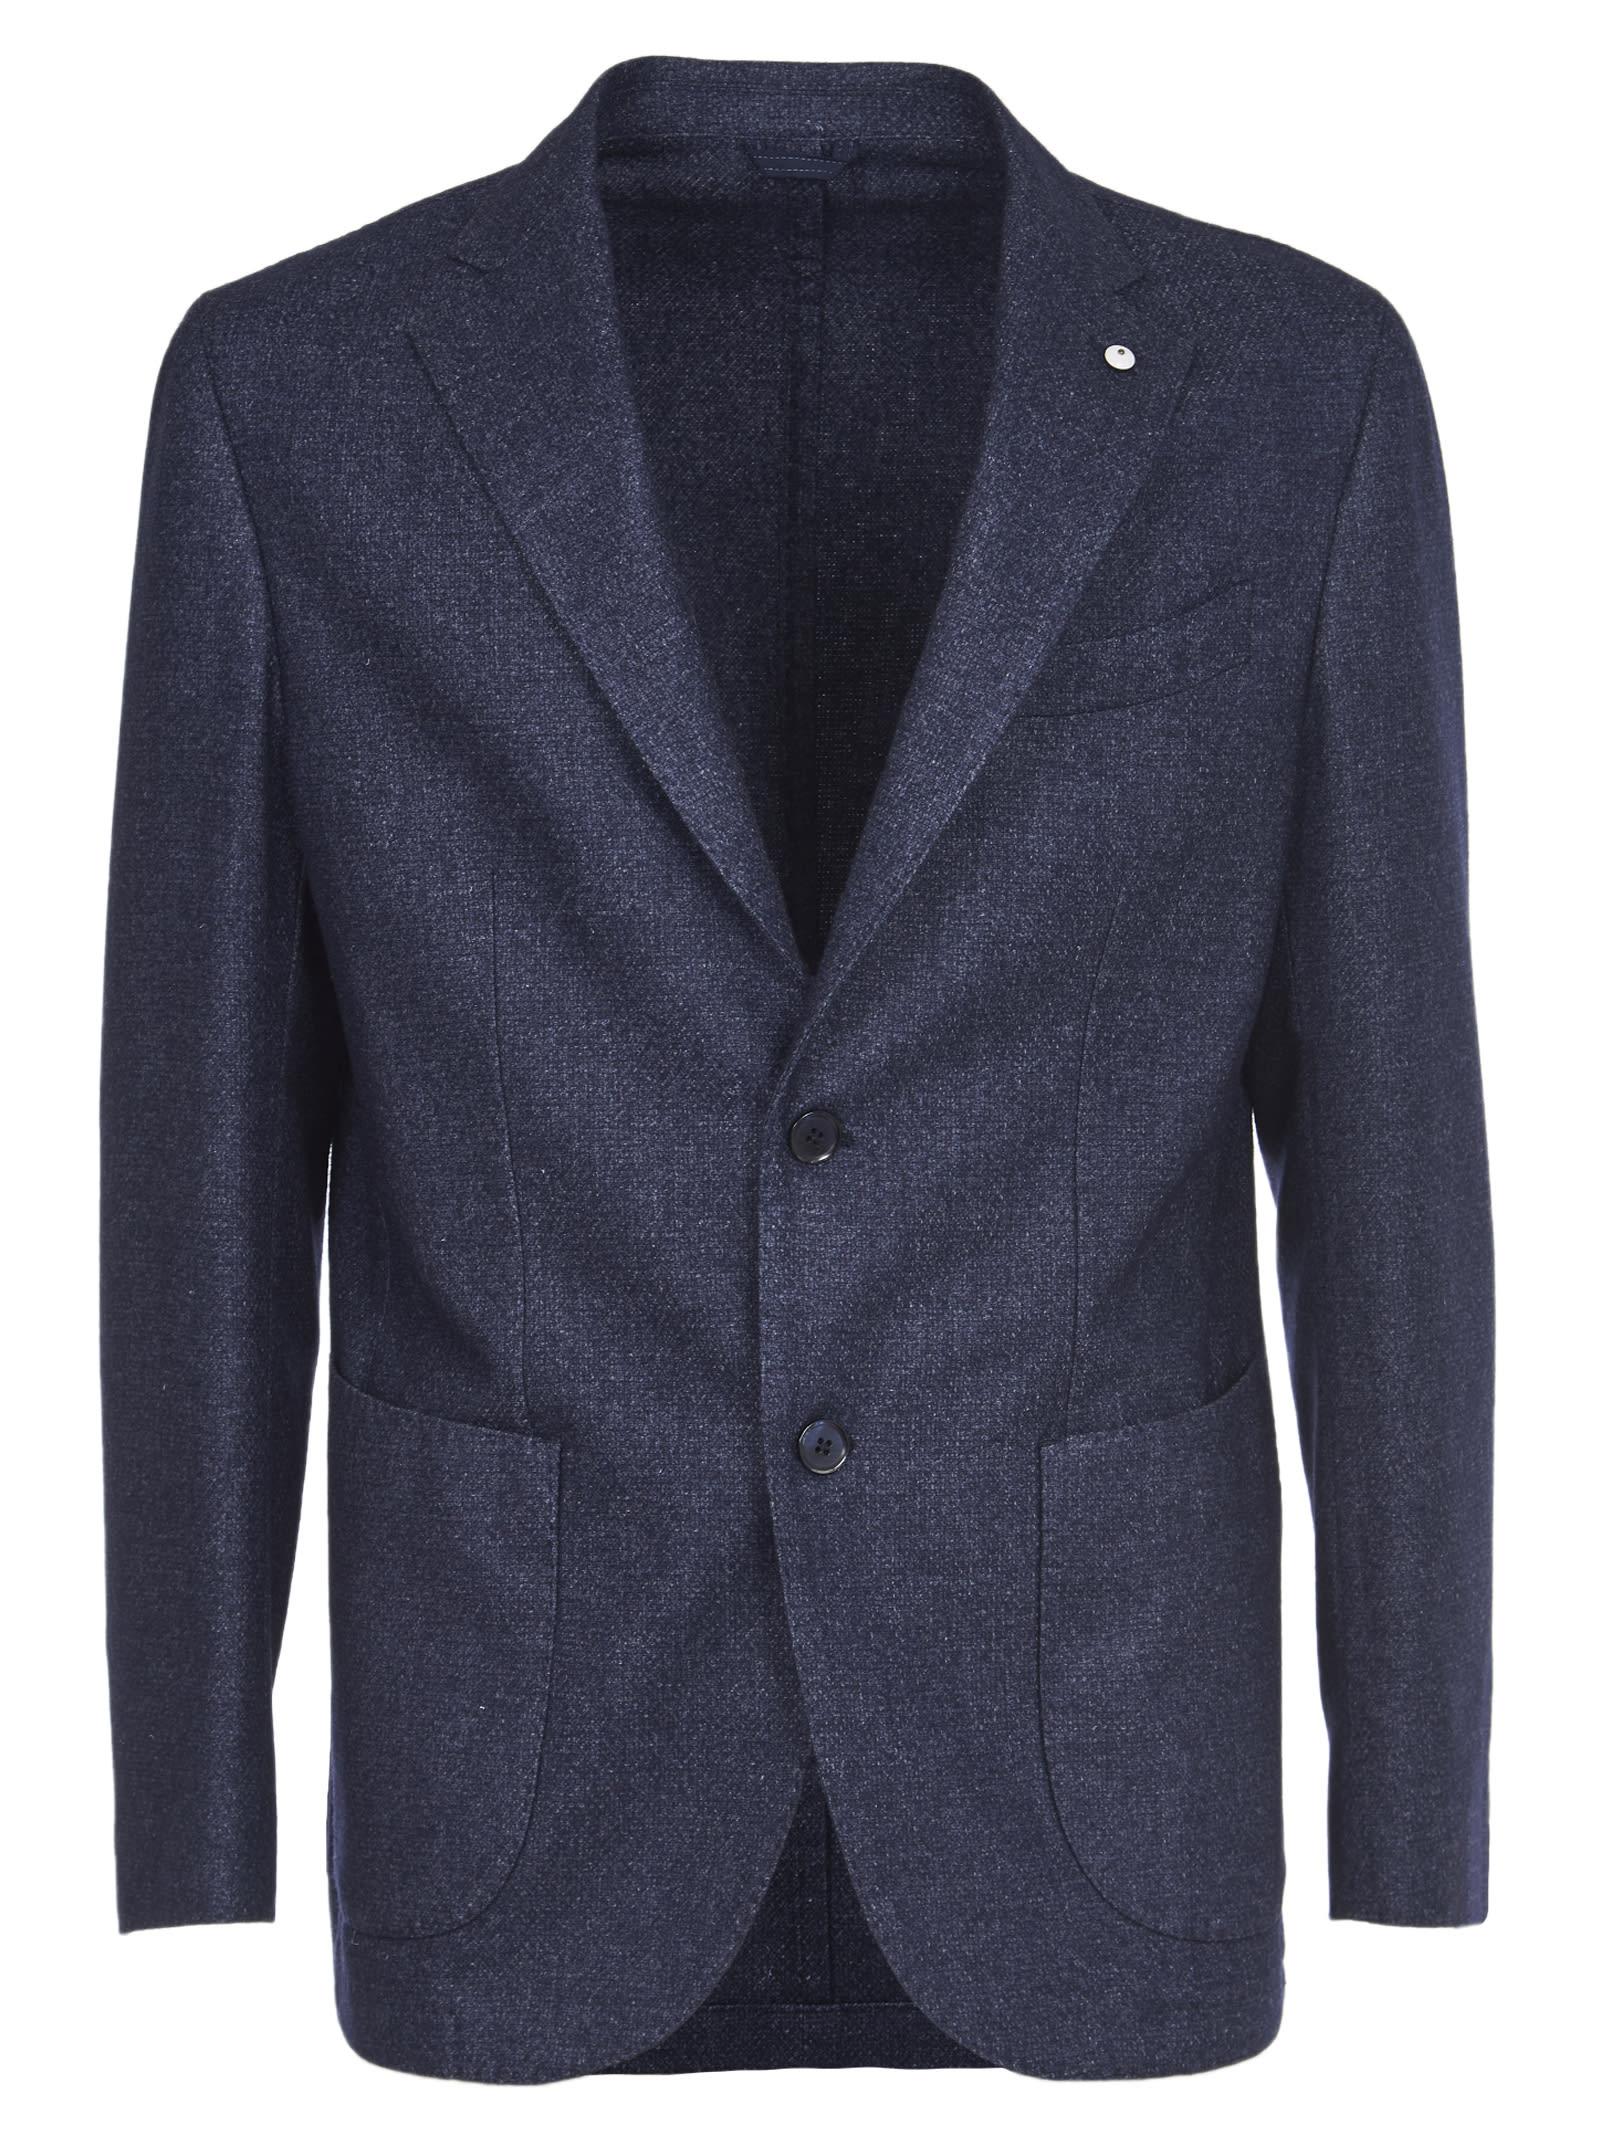 1911 Blue Wool Jacket